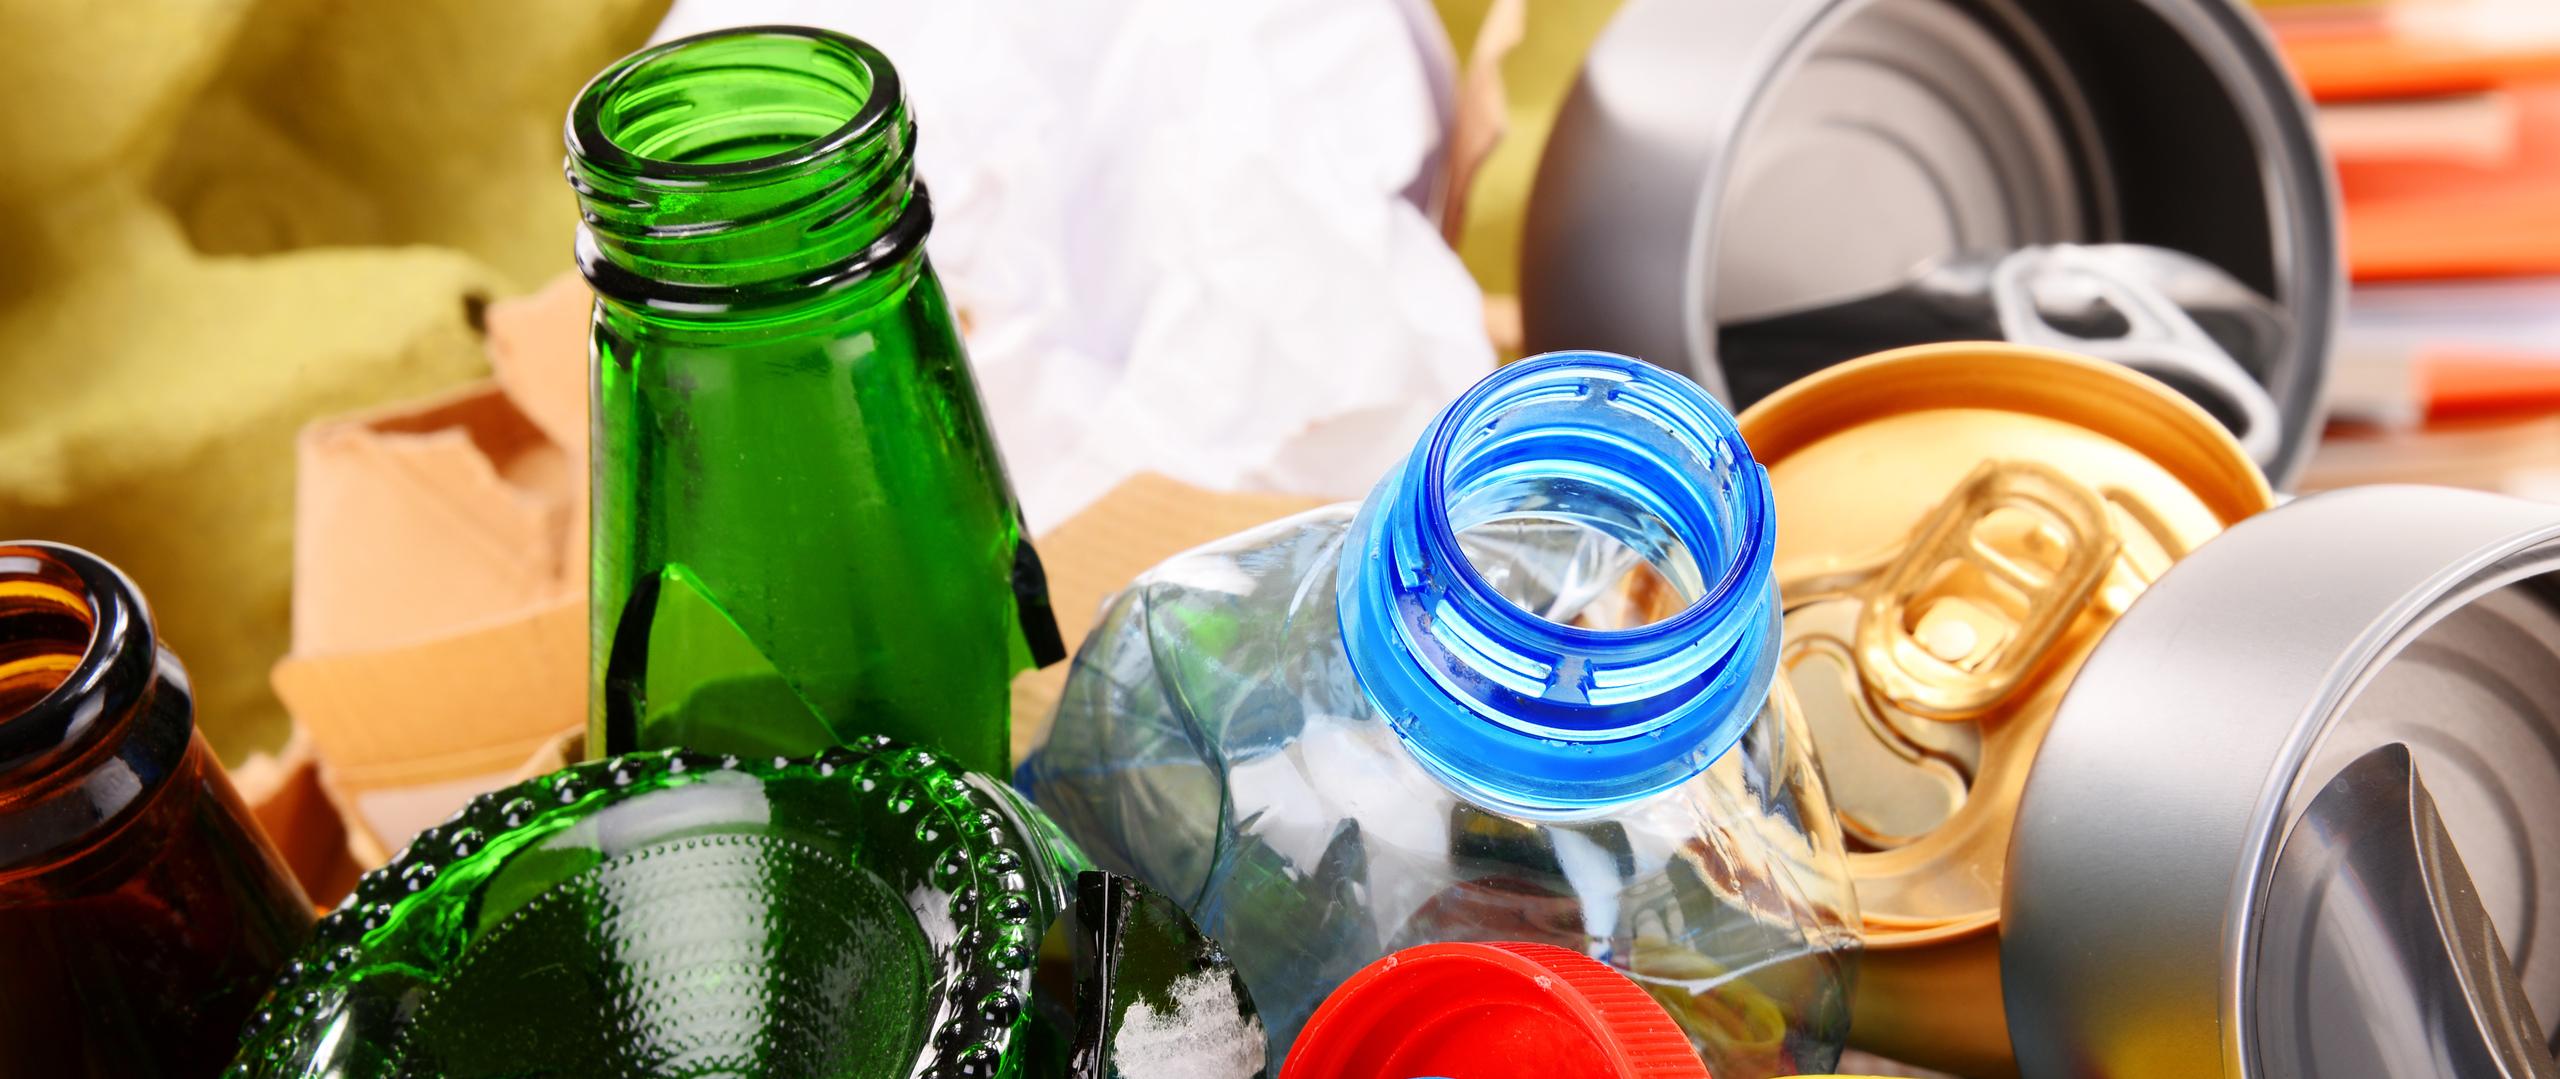 odpady do recyklingu